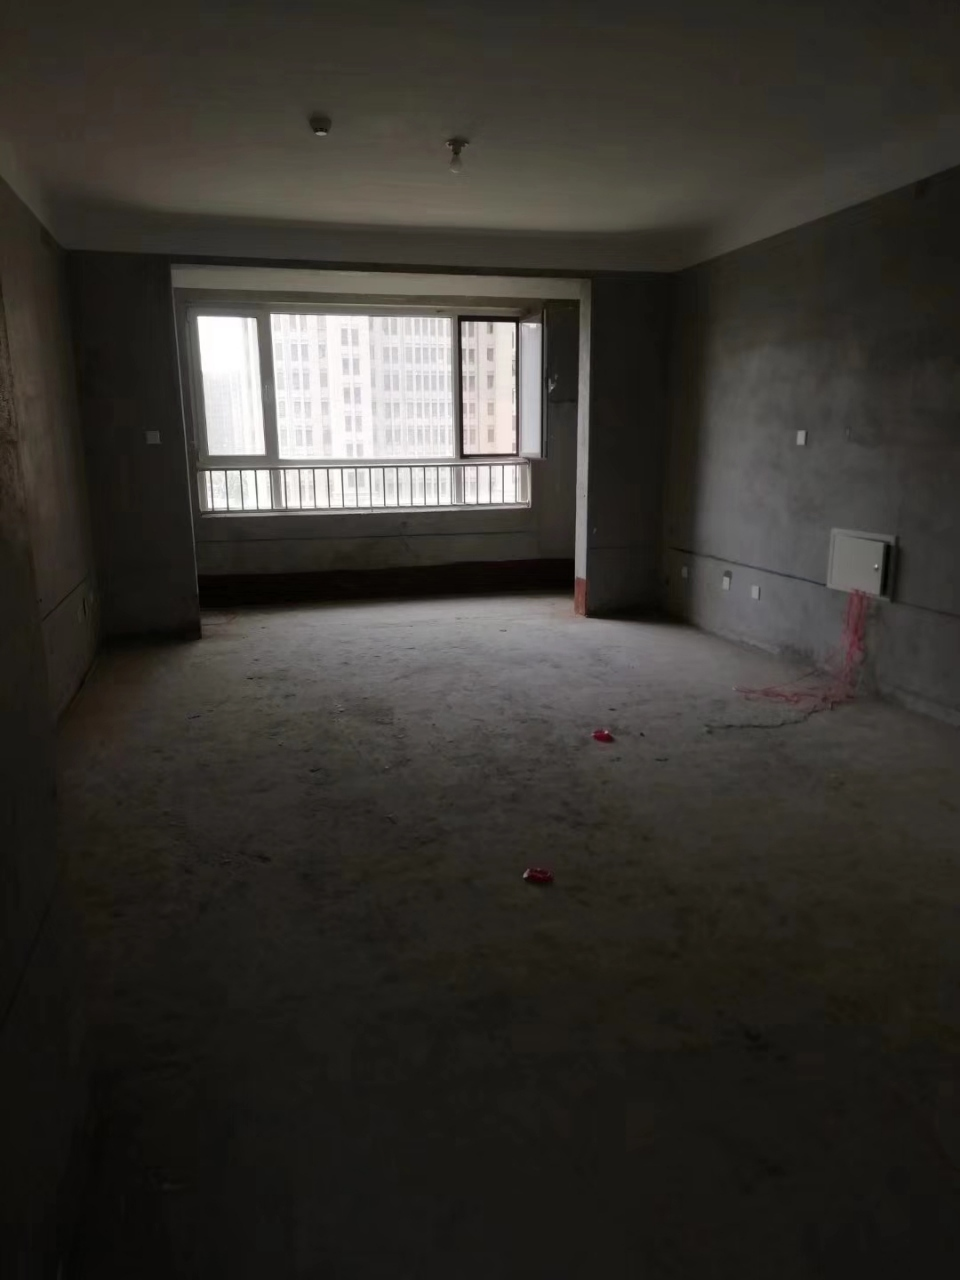 圣泽·舜城别墅168万元,过户费用低,可贷款